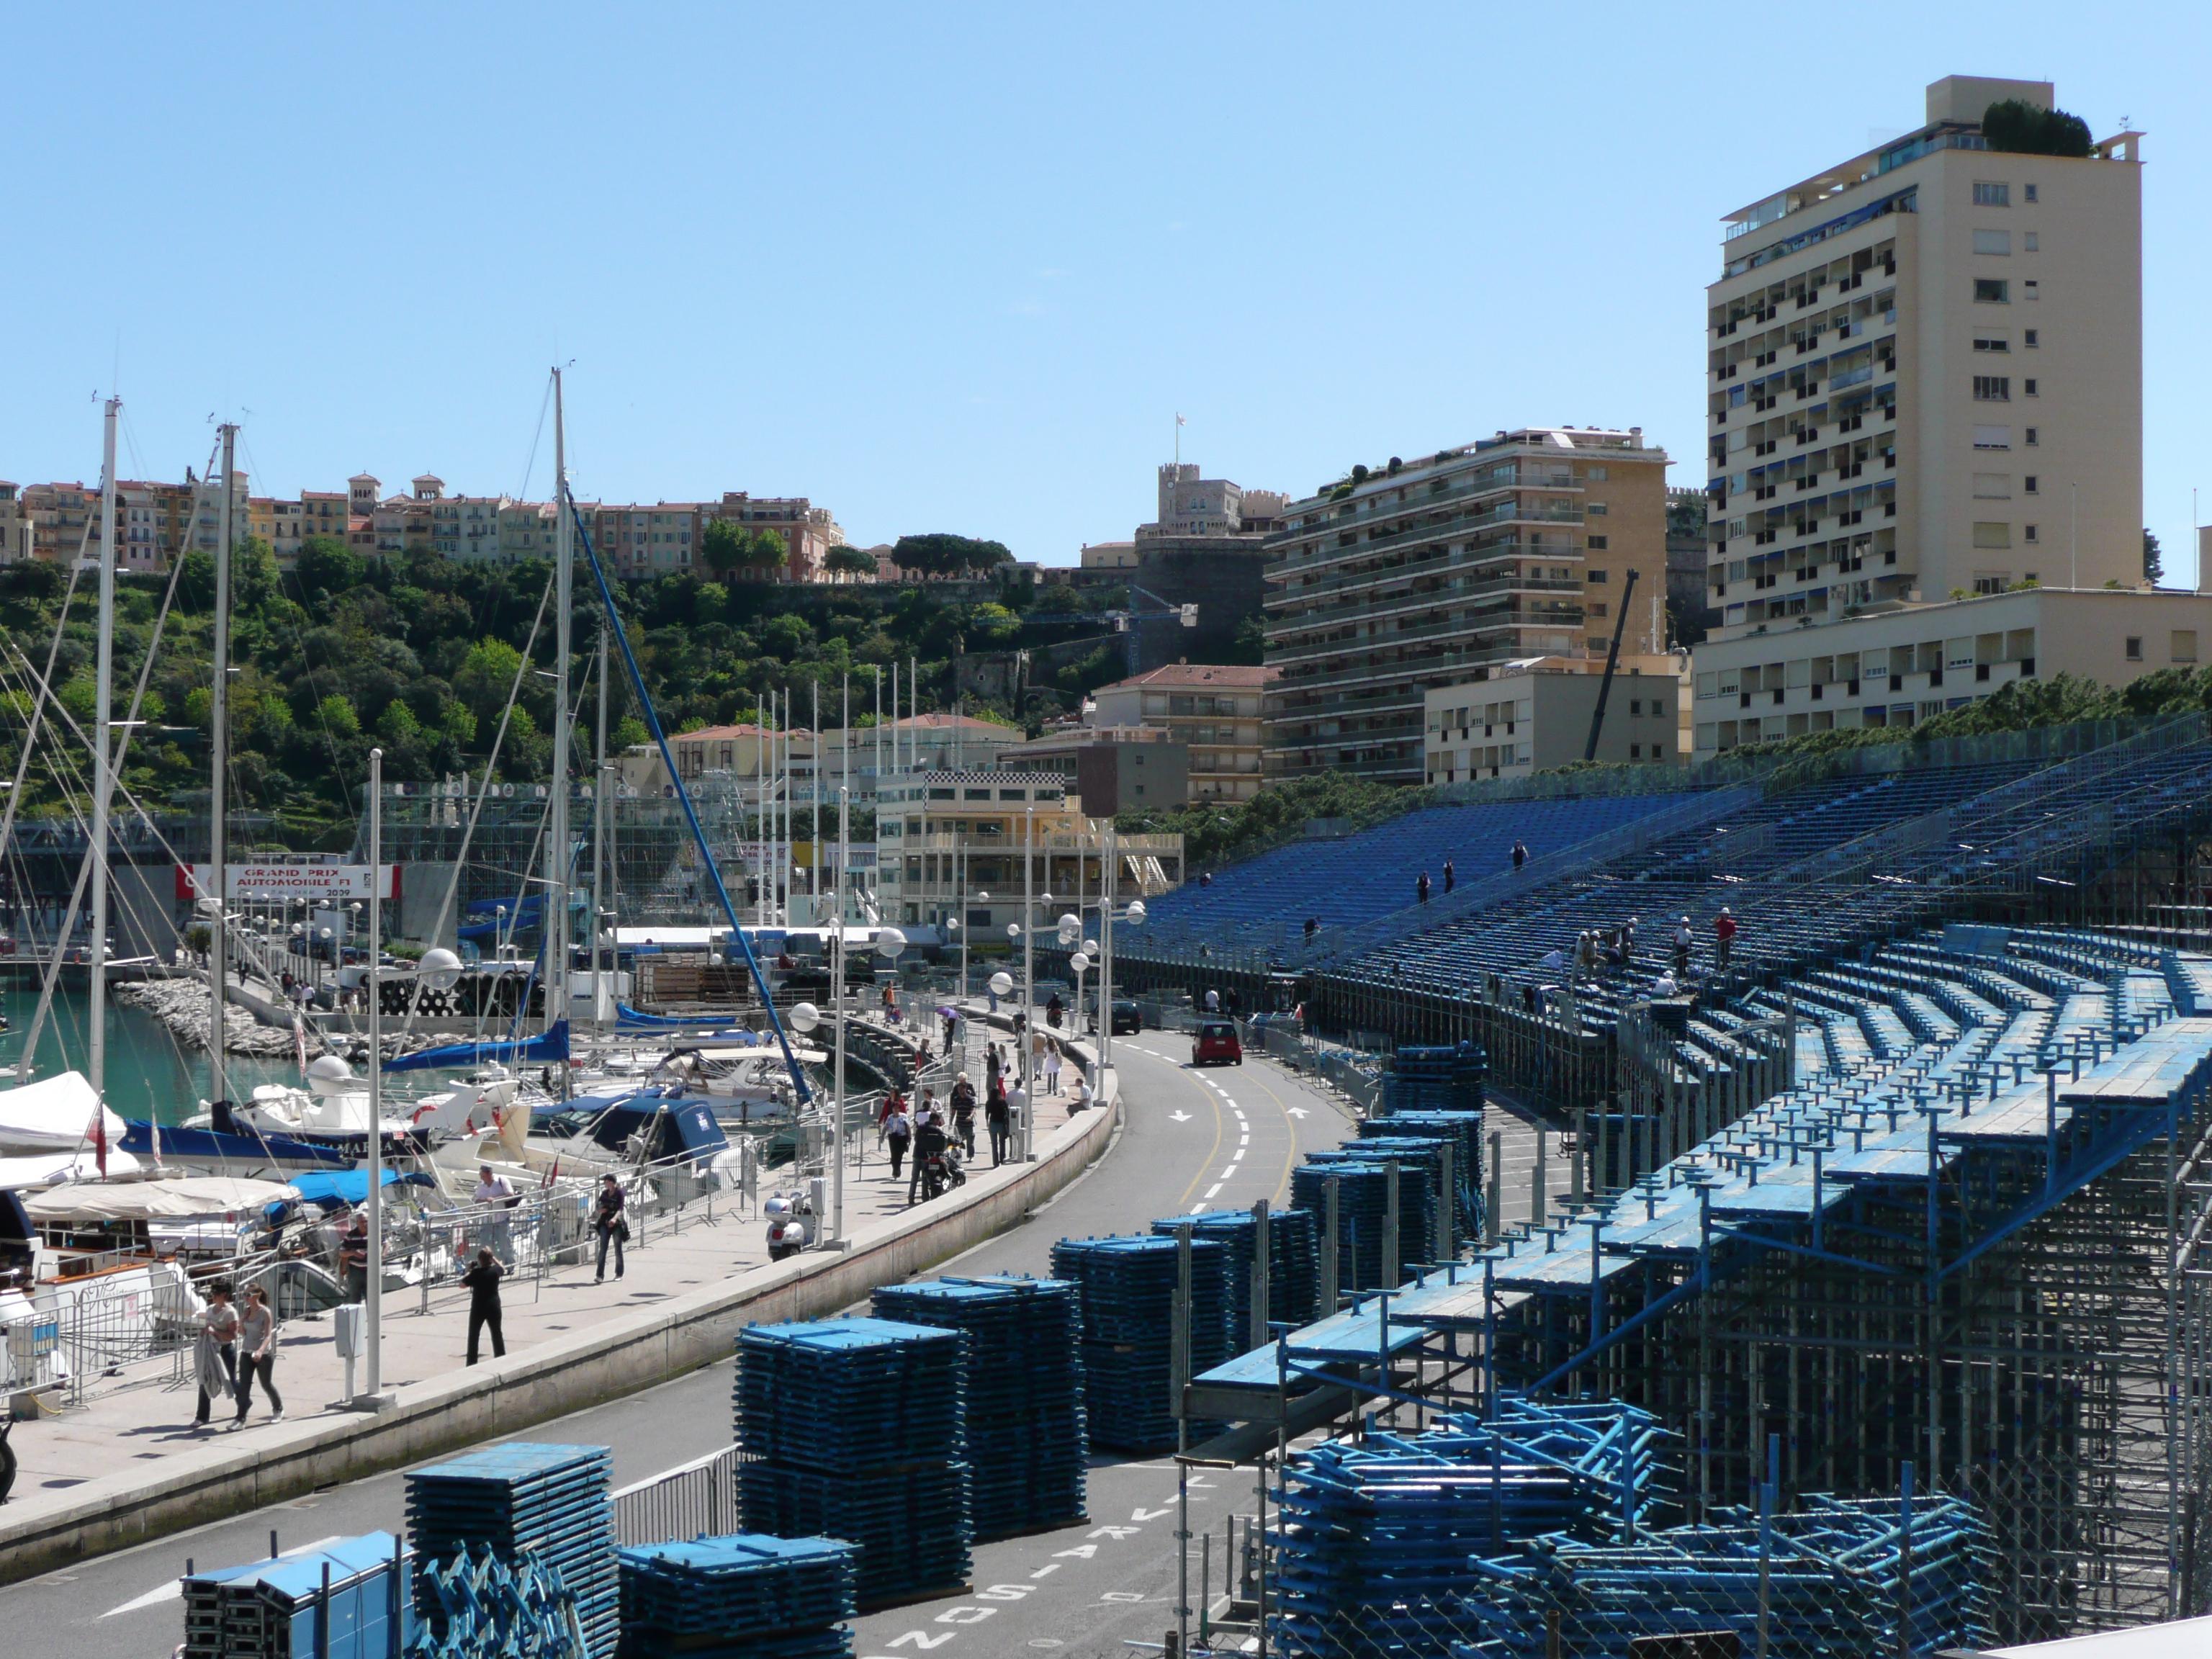 Файл строительство трассы f1 в монако